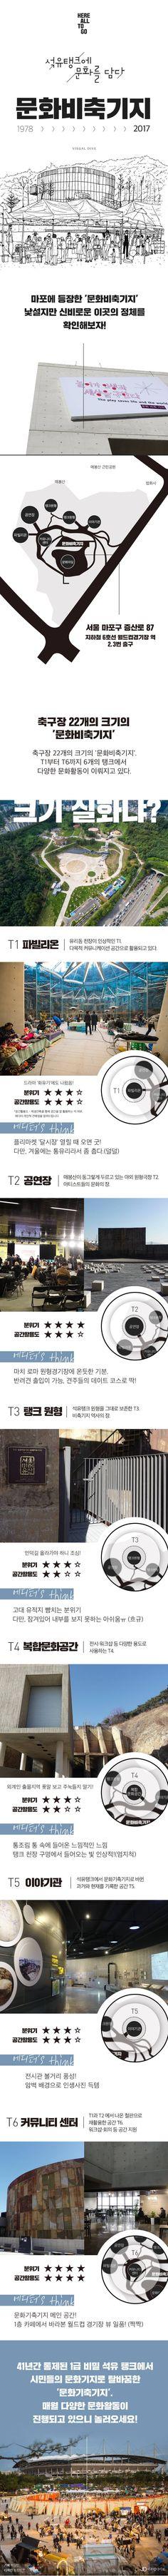 서울 시민들을 위한 새로운 문화공간 '문화비축기지' [인포그래픽] #culture #Inforgraphic